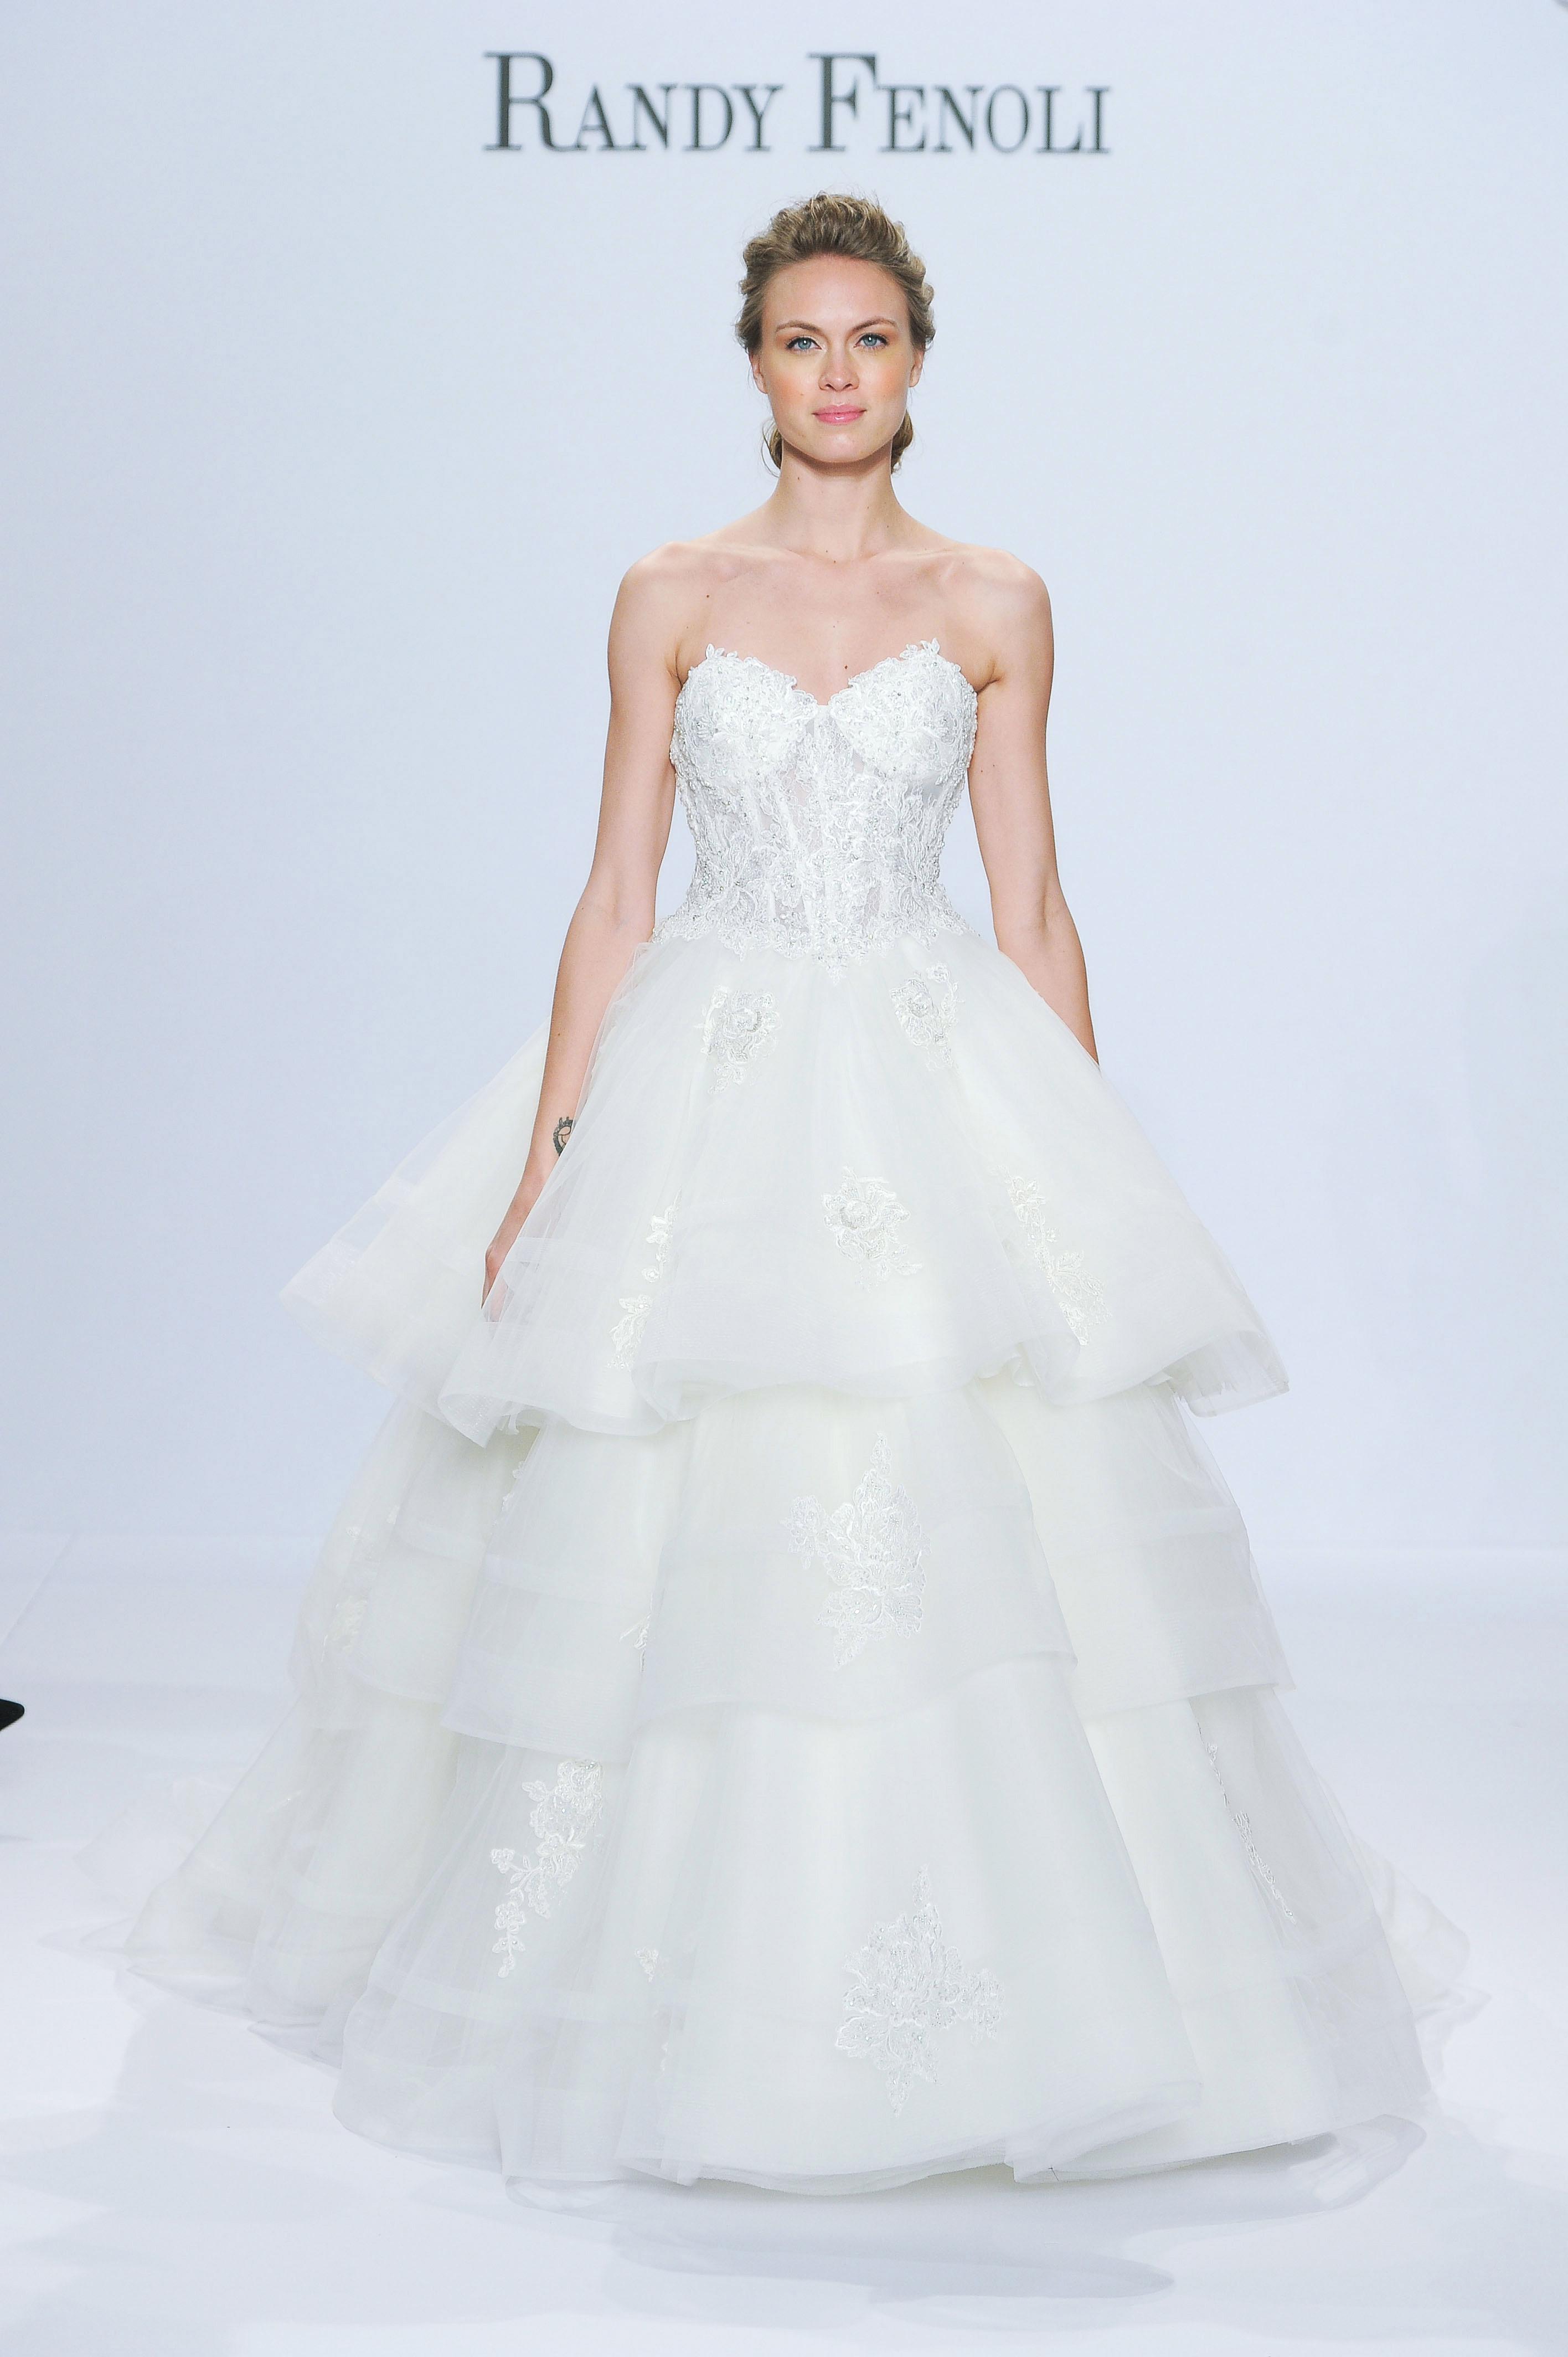 randy fenoli ball gown wedding dress spring 2018